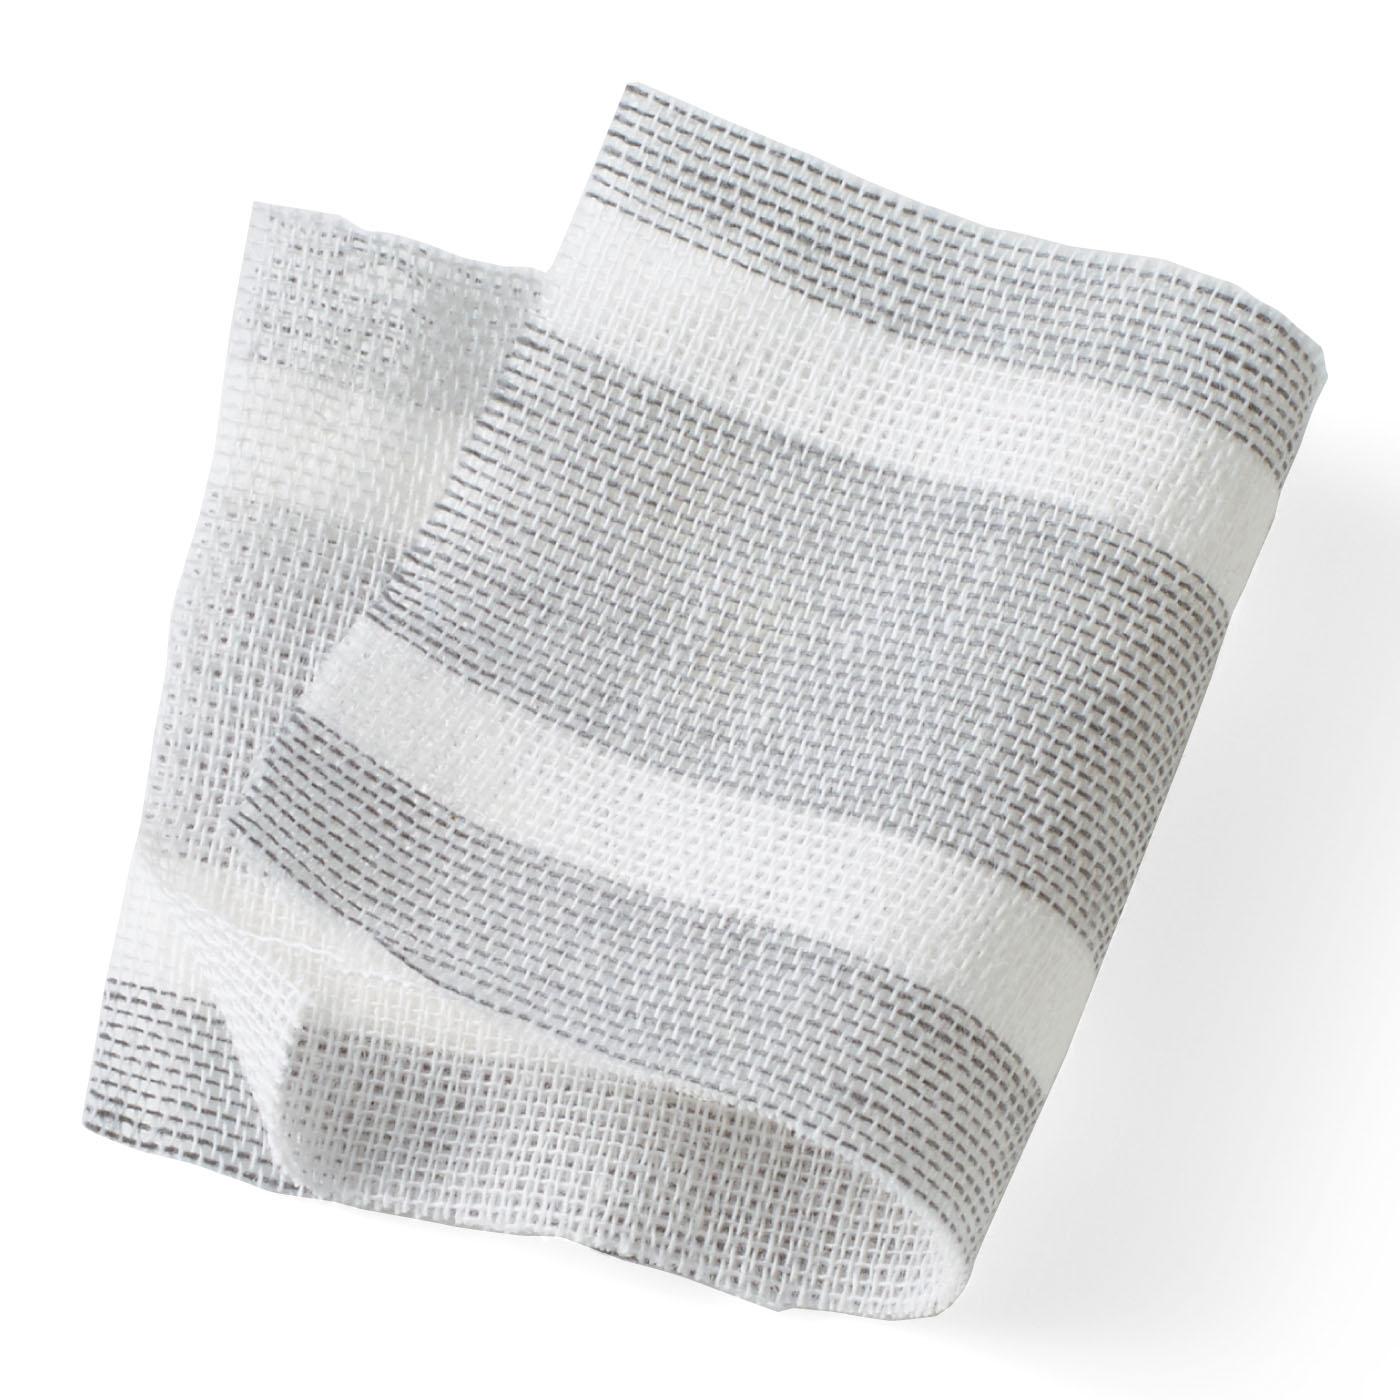 ふんわりやさしい綿100%のダブルガーゼ。風の通りがよく、汗を吸って放散するので、湯上がりにもおすすめです。